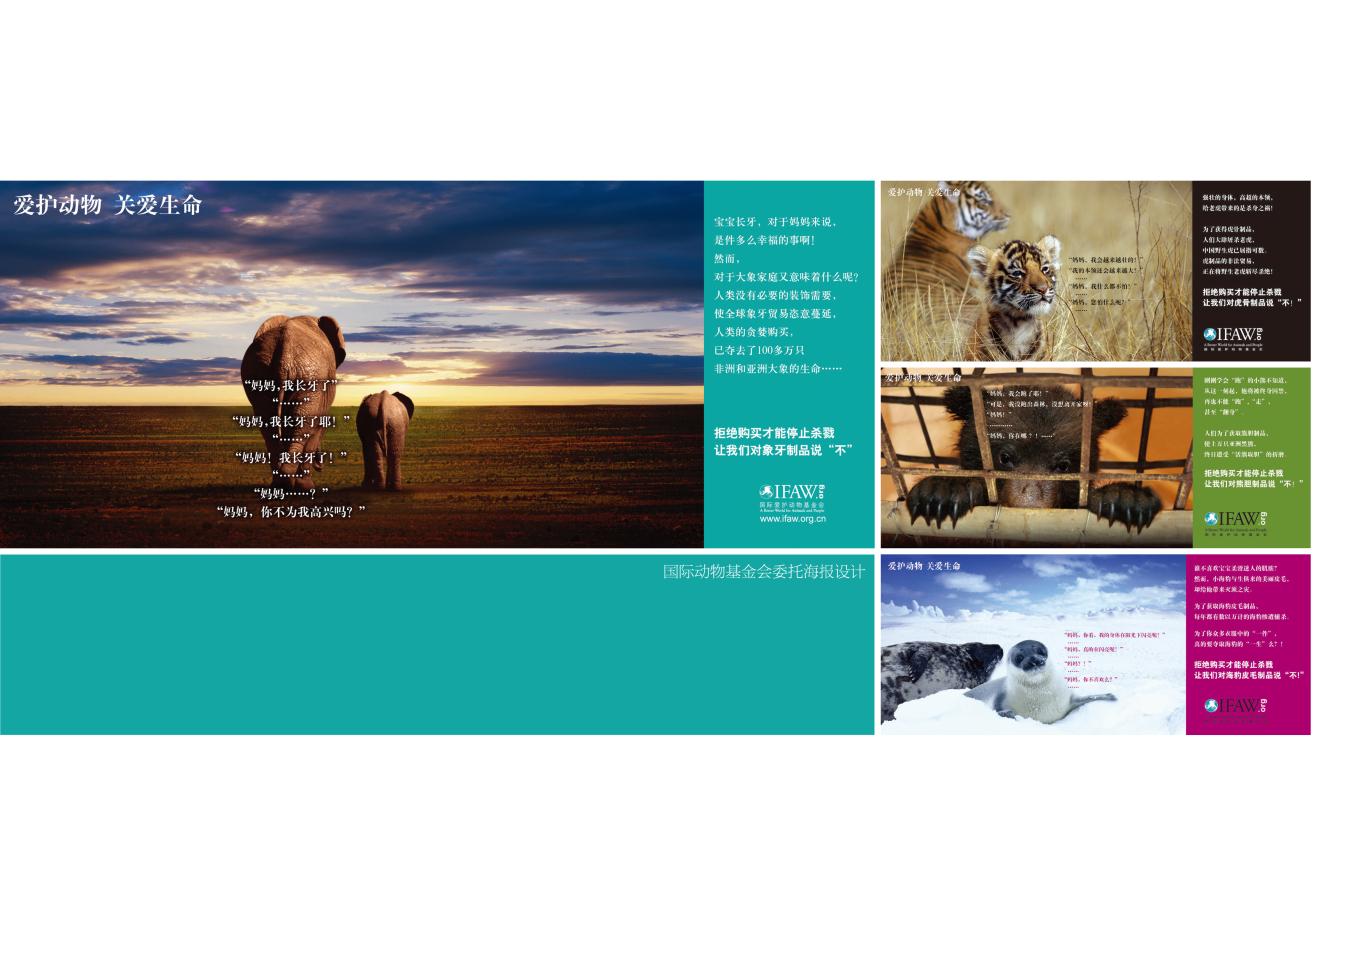 服务细目: 项目简介: 为动物保护制作的地铁车站公益海报,至今地铁4号